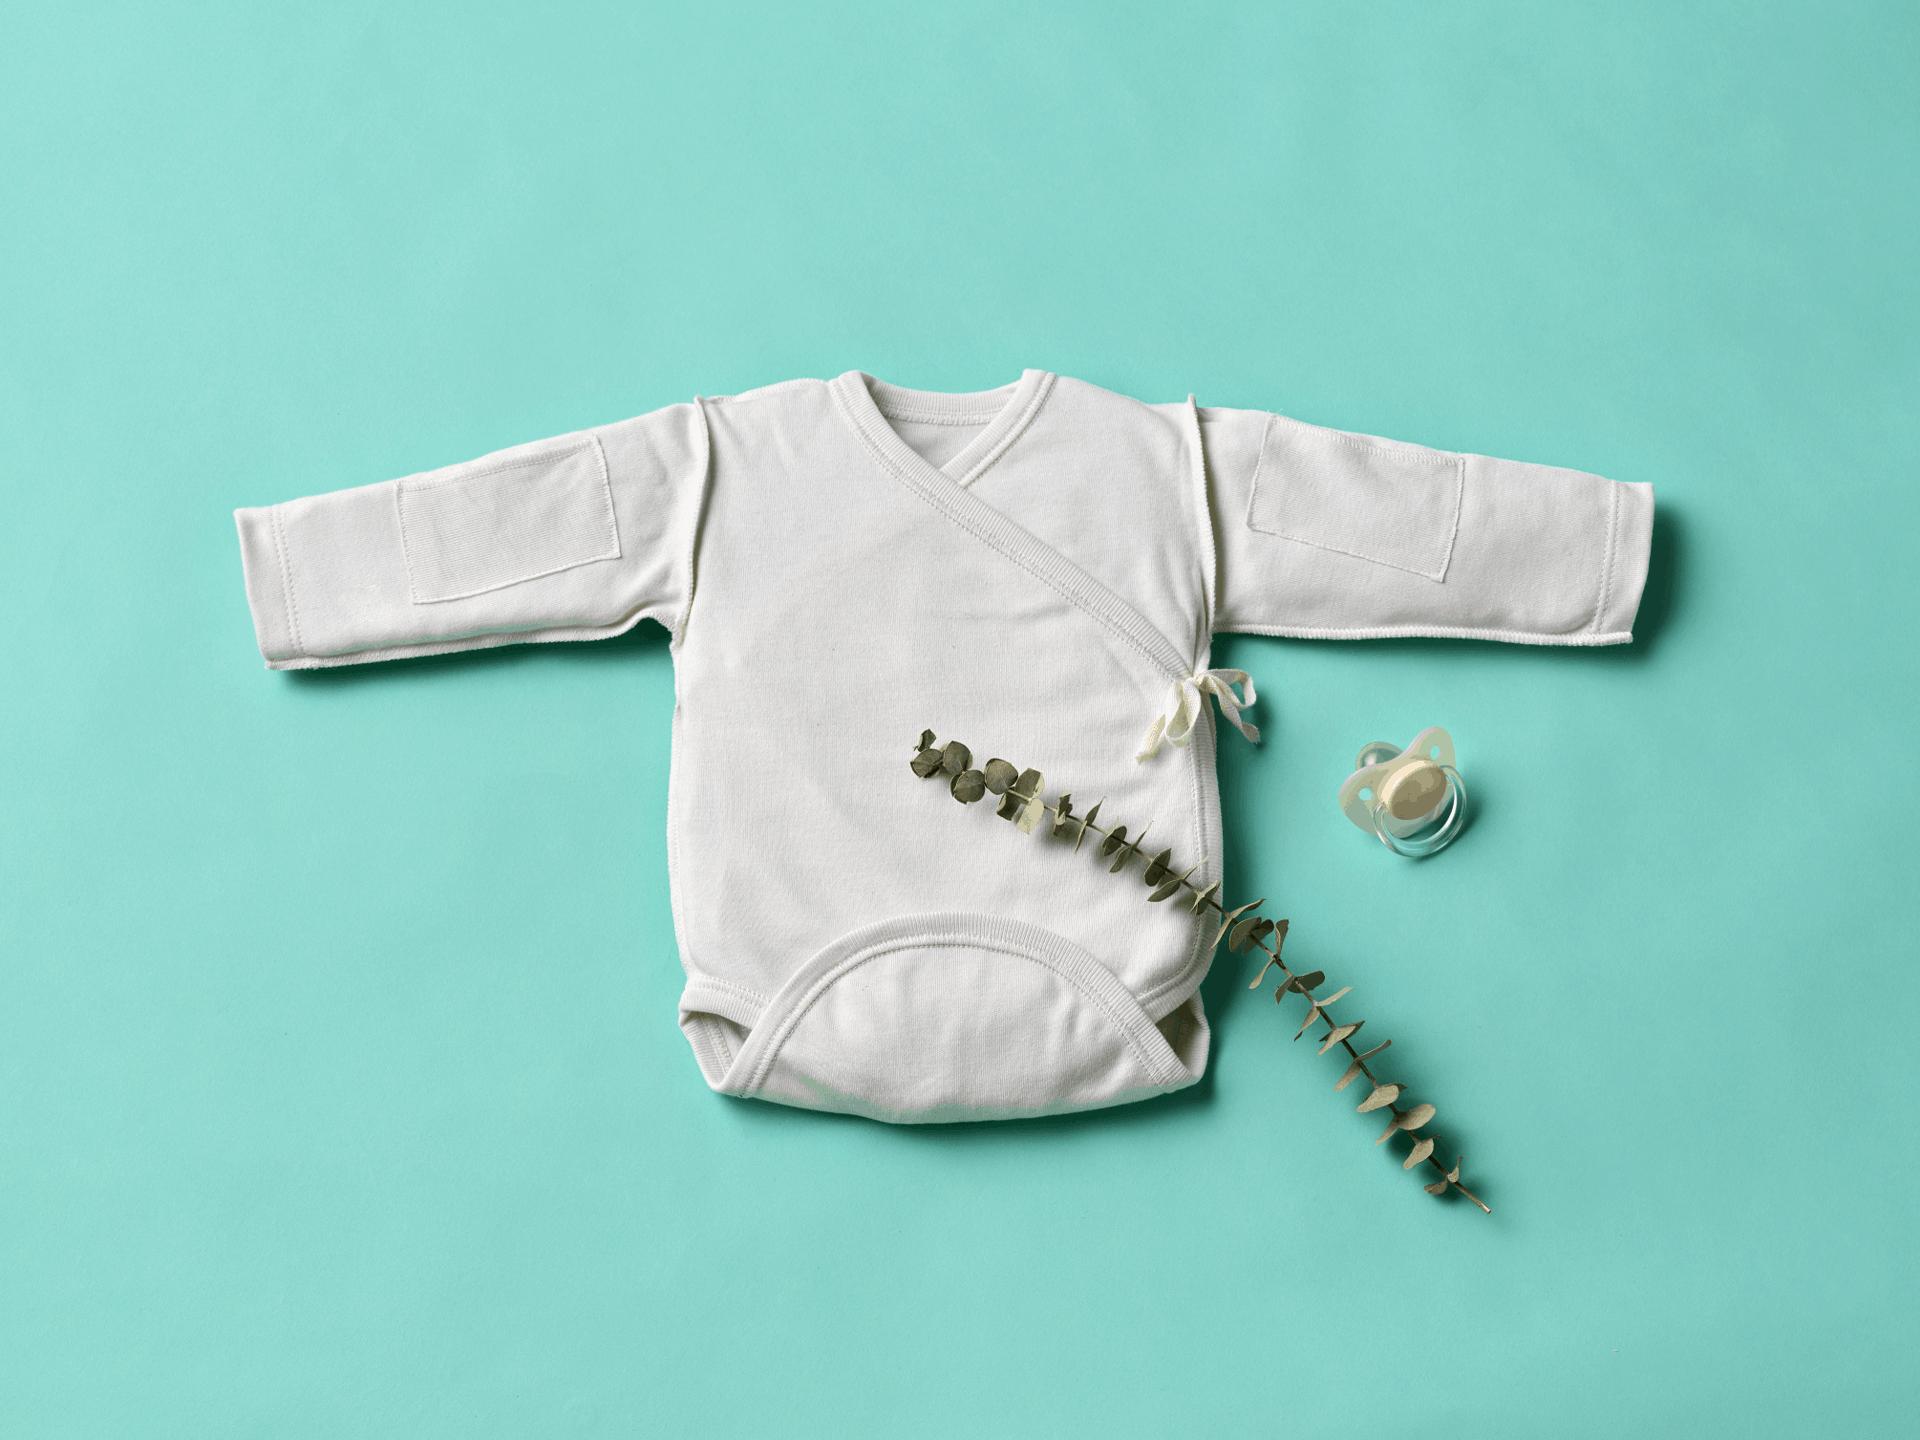 PreemieCme il primo brand per prodotti per neonati prematuri